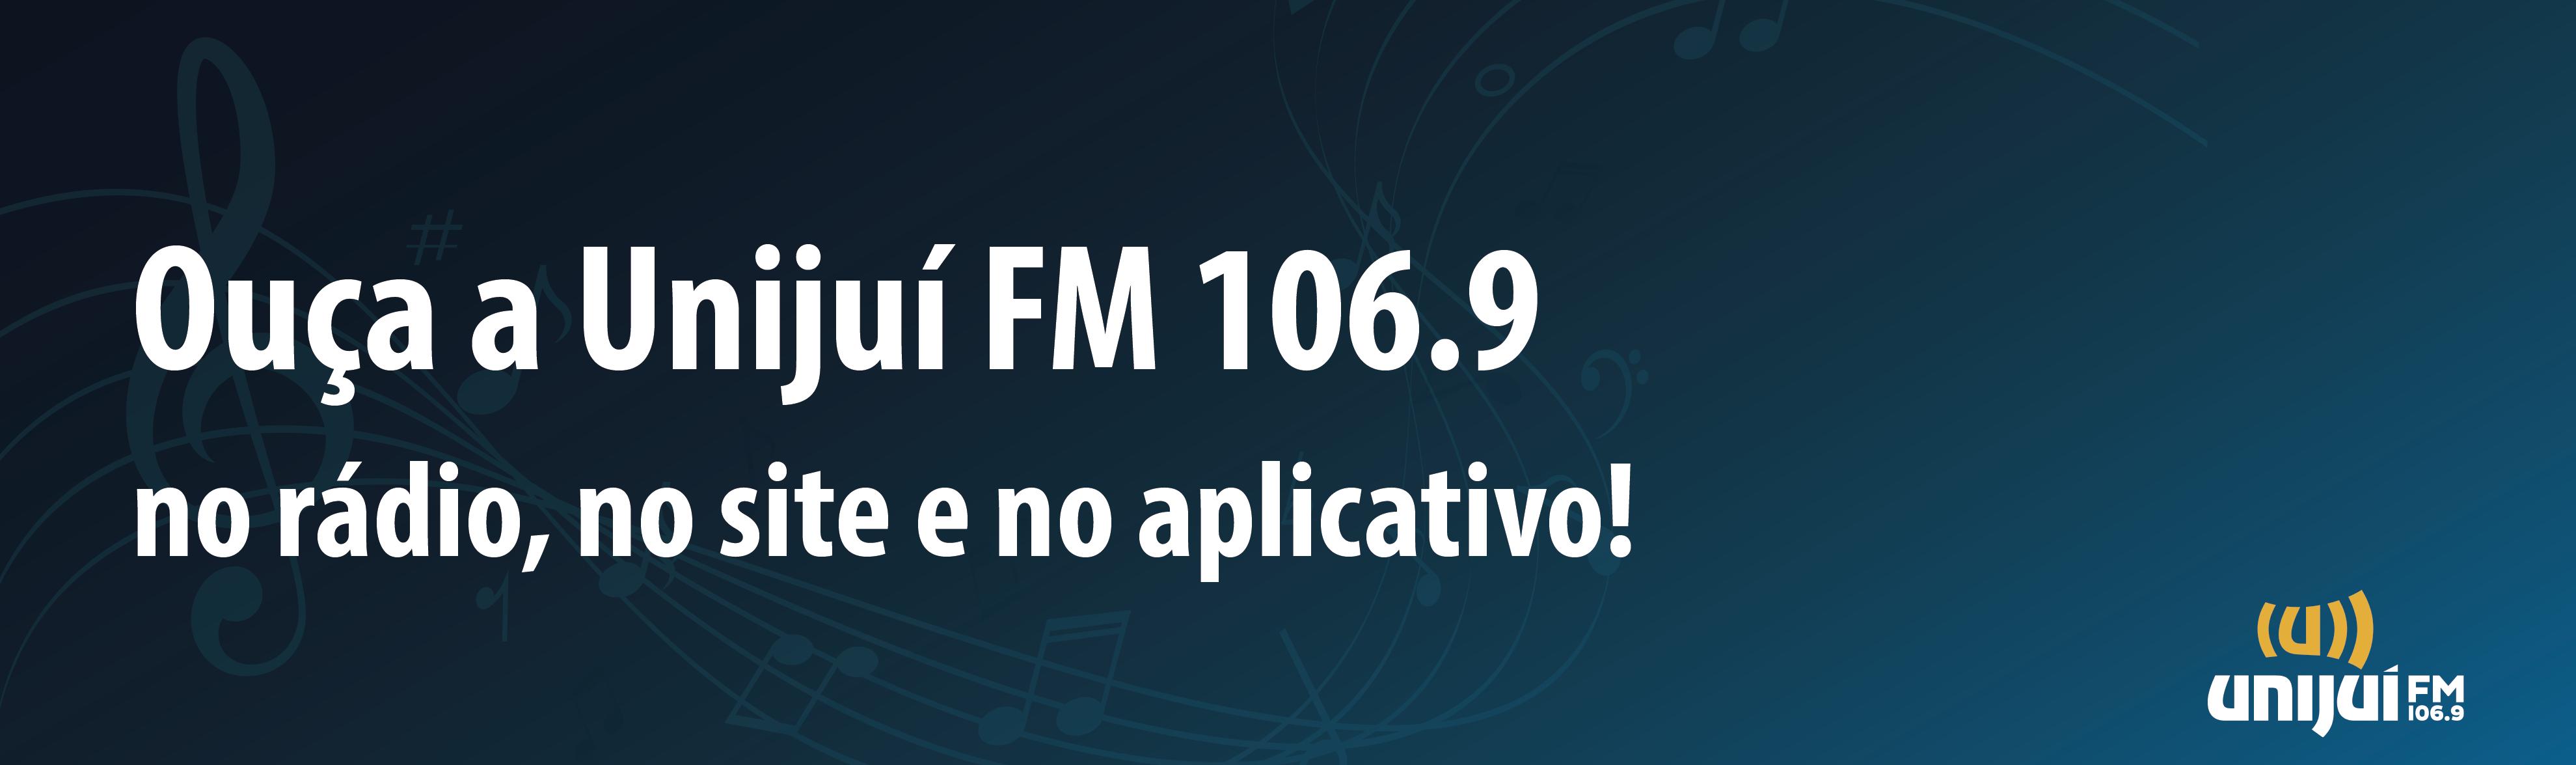 Institucional Rádio